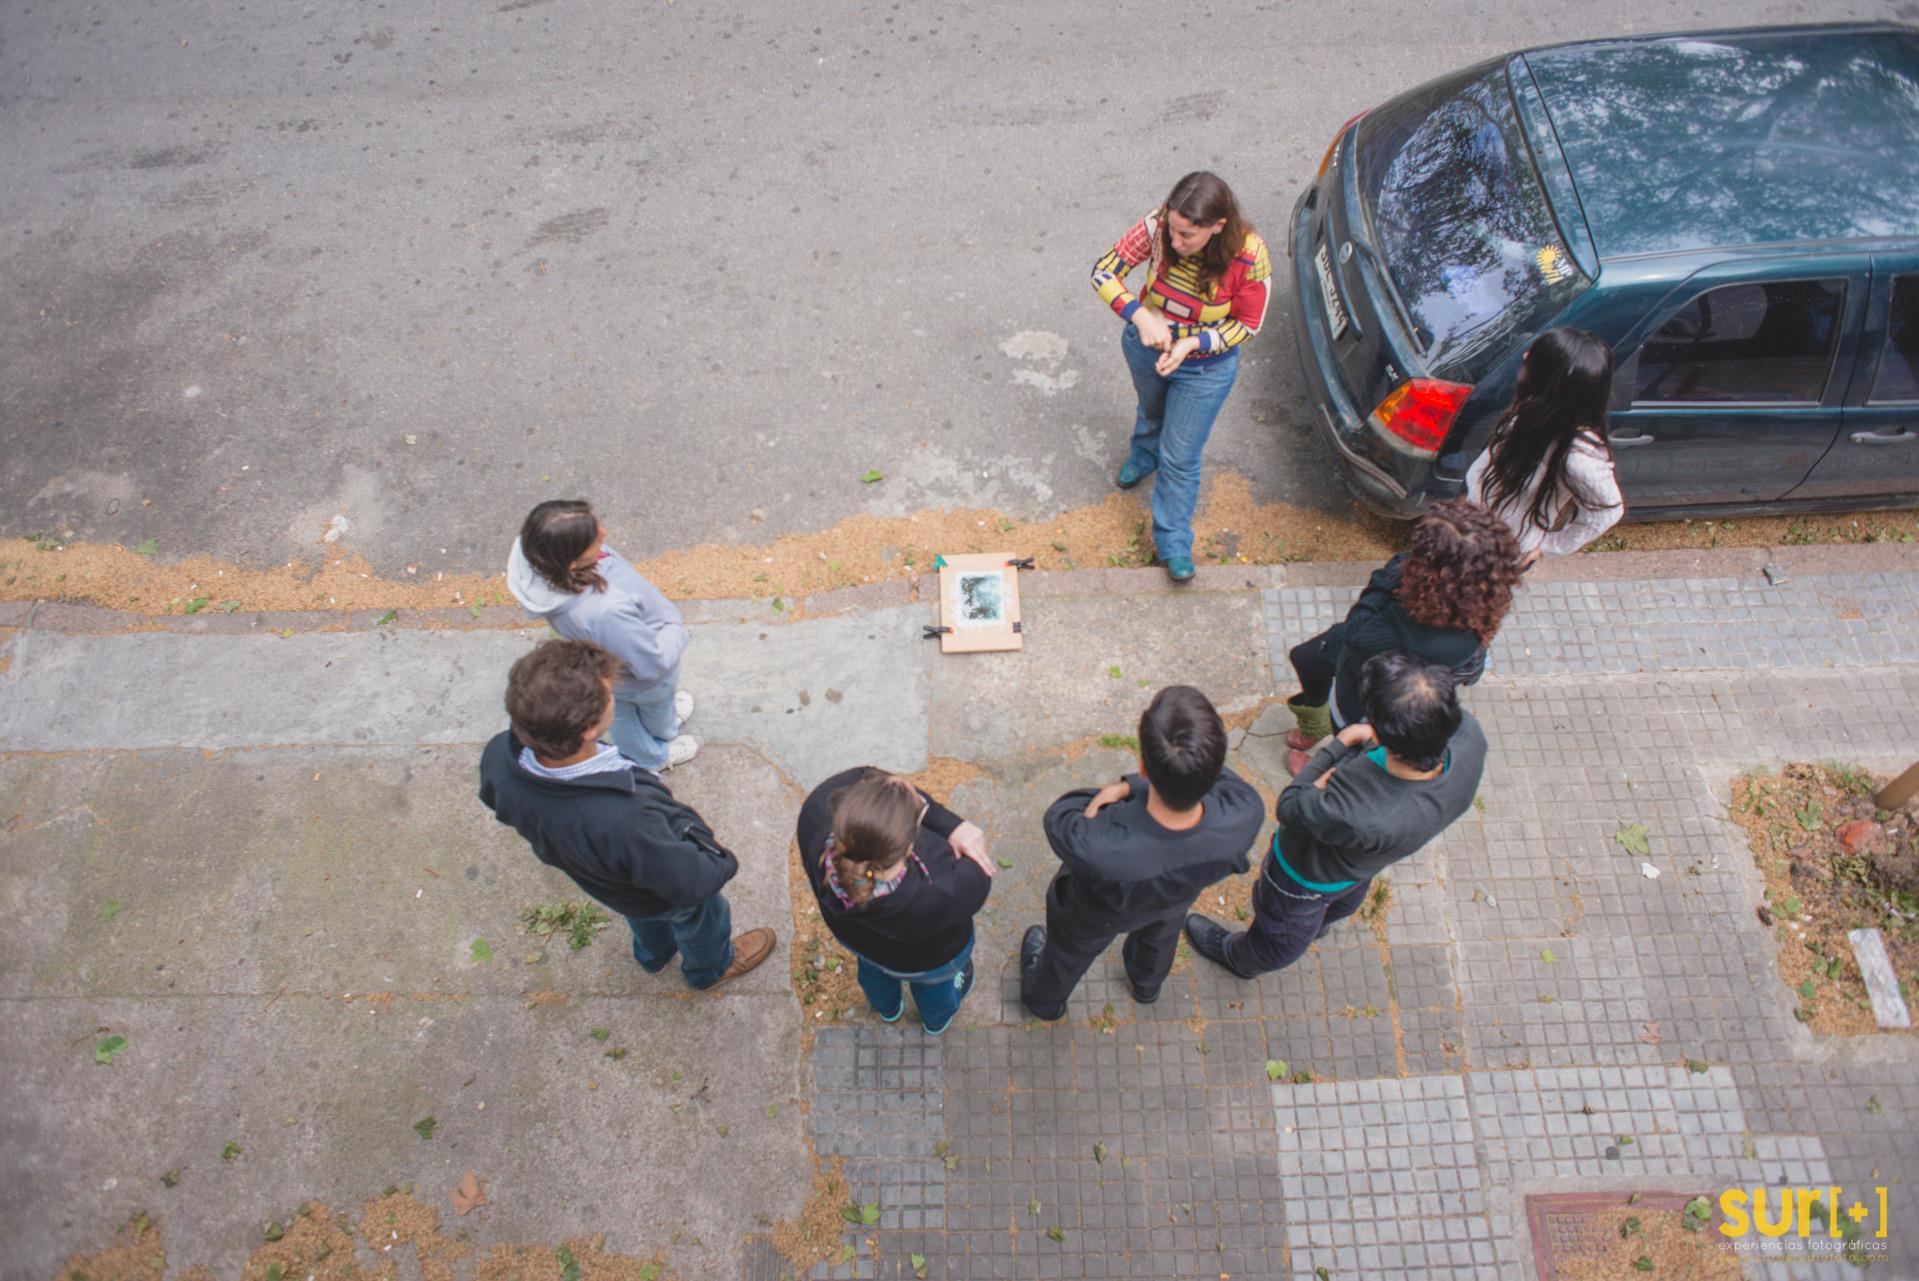 Taller práctico de Cianotipo - Docente: Alejandra Marin